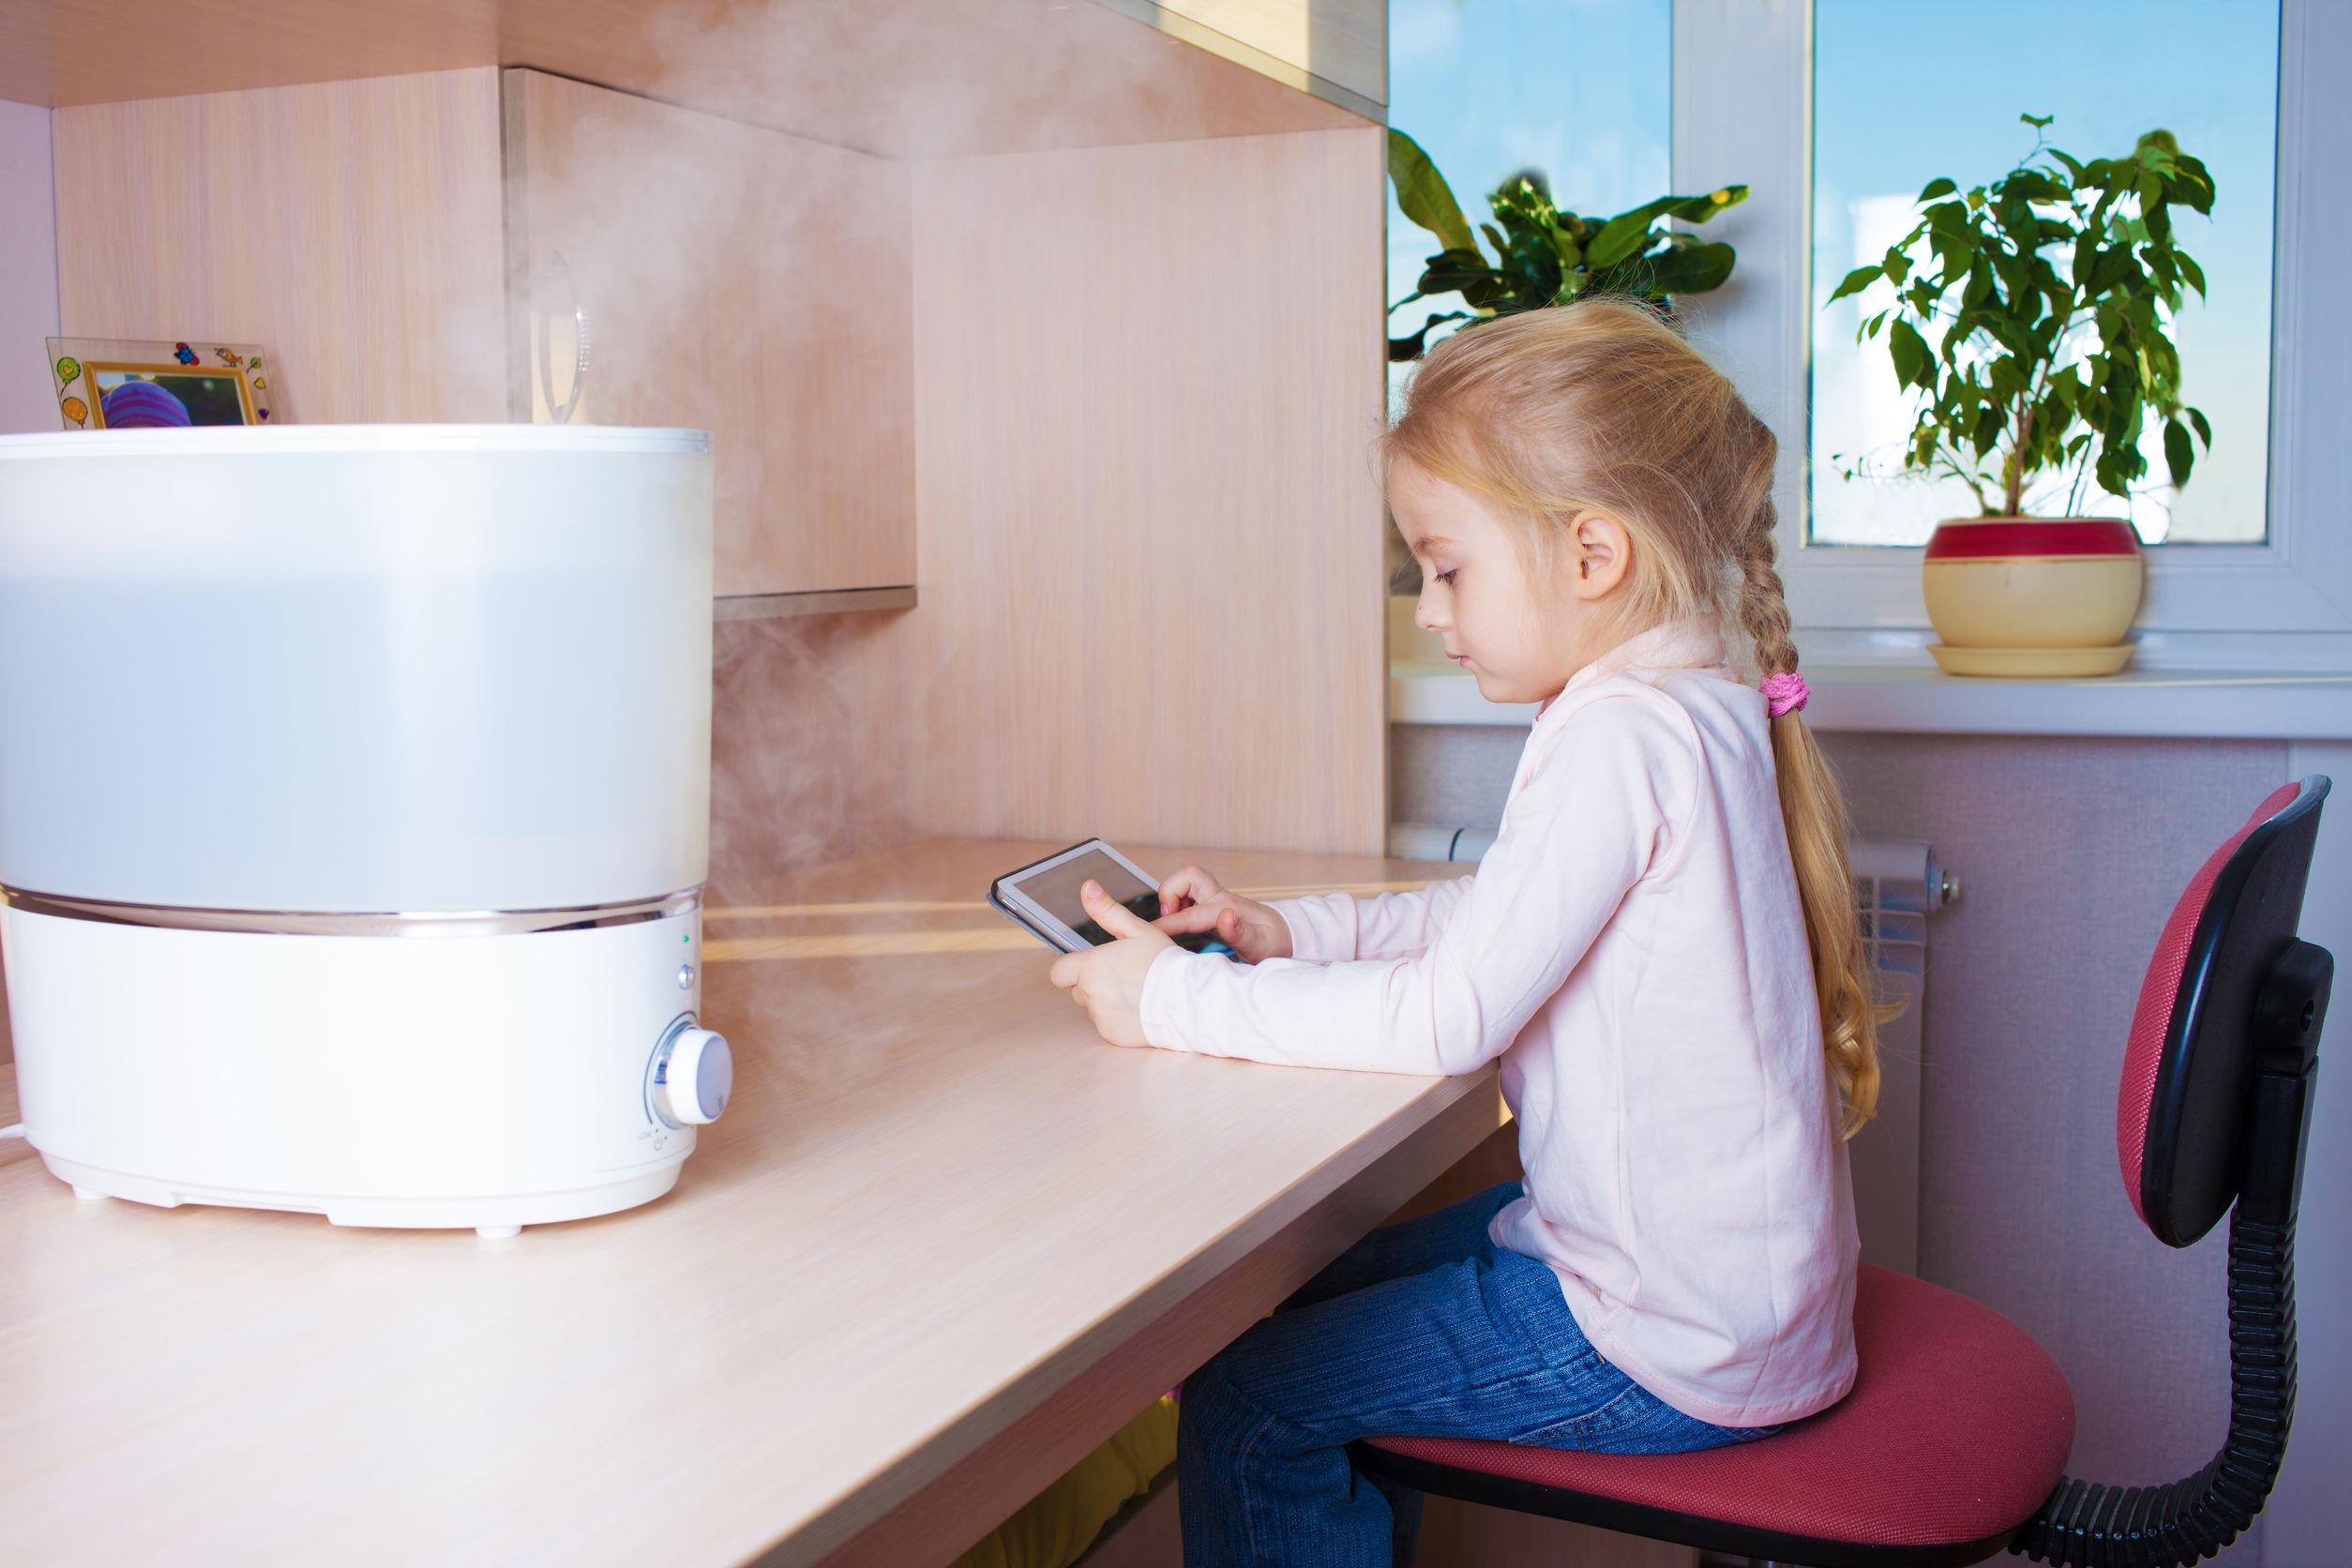 Niña con tablet pc sentada en la mesa cerca del humidificador